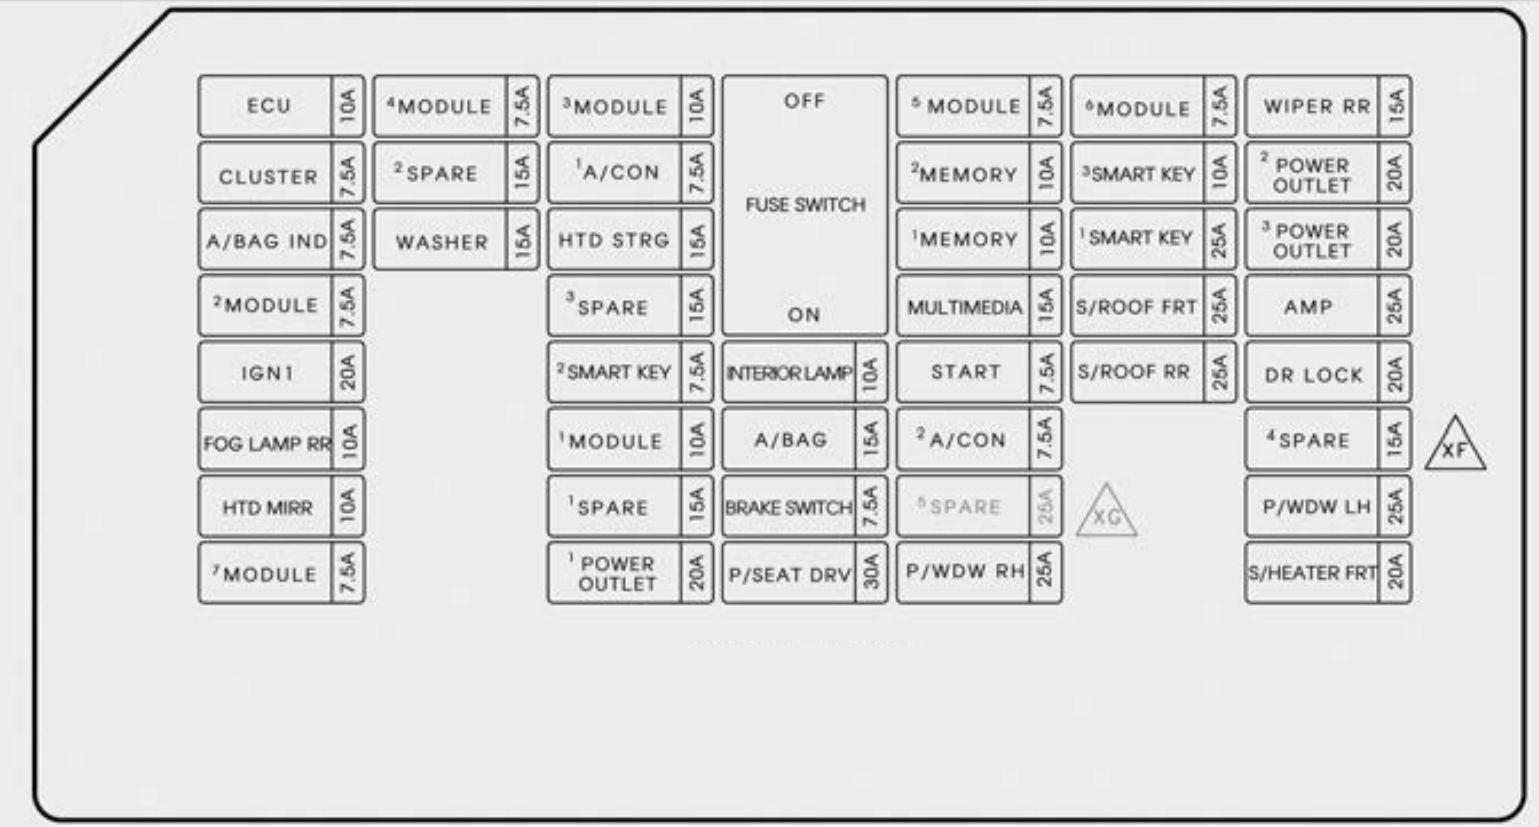 Kia Sedona Fuse Panel Diagram 2004 Box